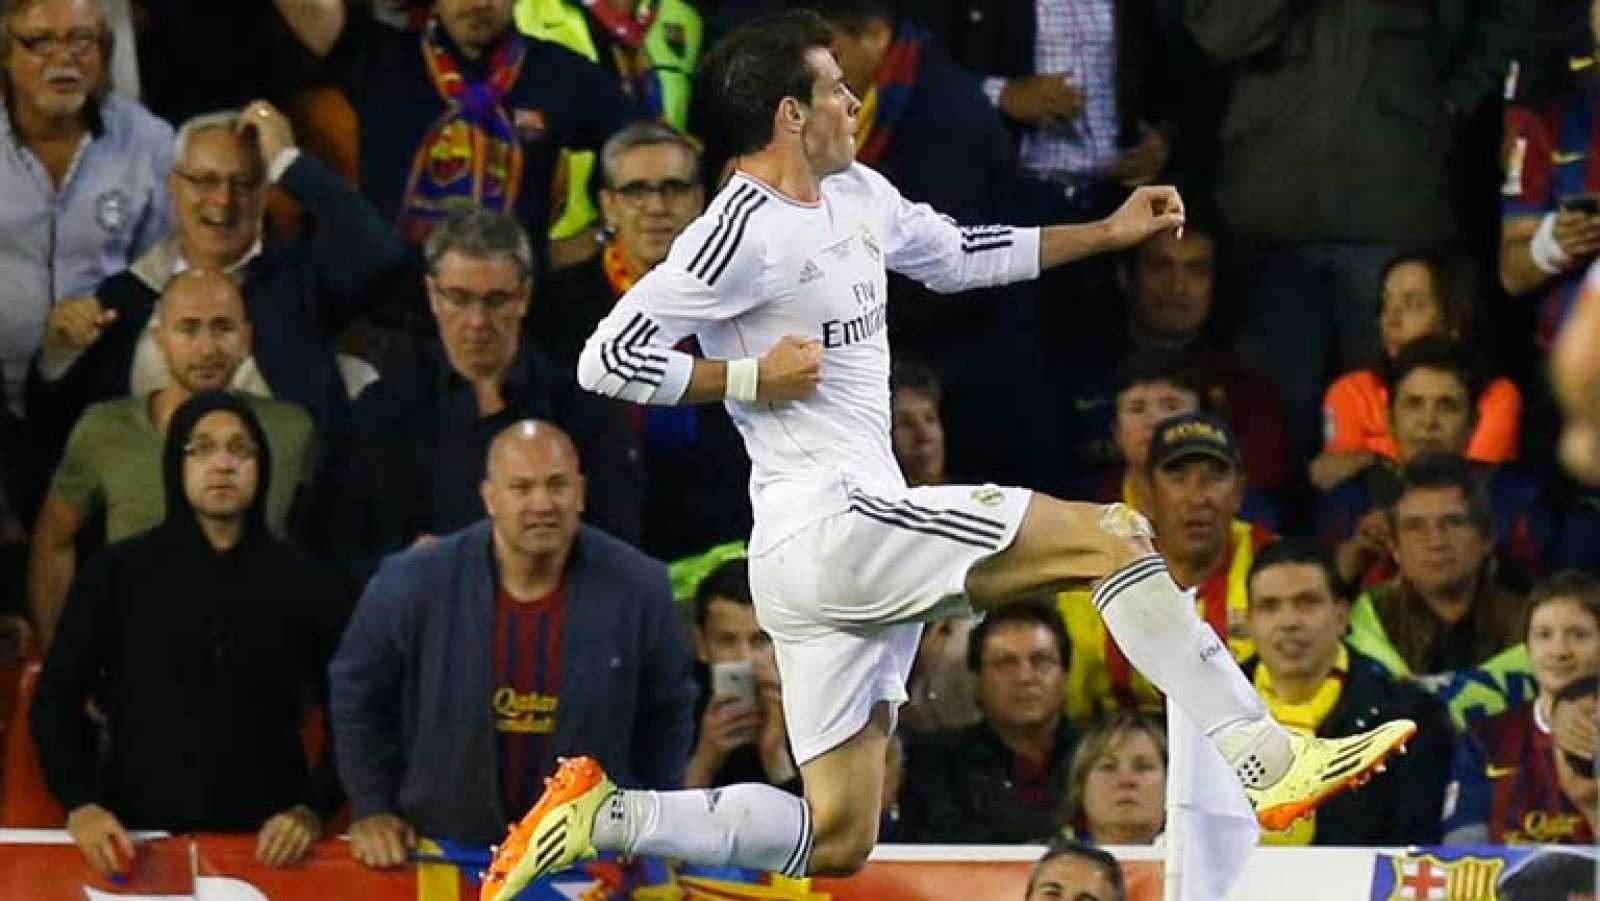 El galés Gareth Bale firmó una espectacular jugada individual, plena de potencia, para adelantar de nuevo al Real Madrid (2-1) ante el Barcelona a los 85 minutos de la final de la Copa del Rey, que se está disputando en el estadio valenciano de Mesta